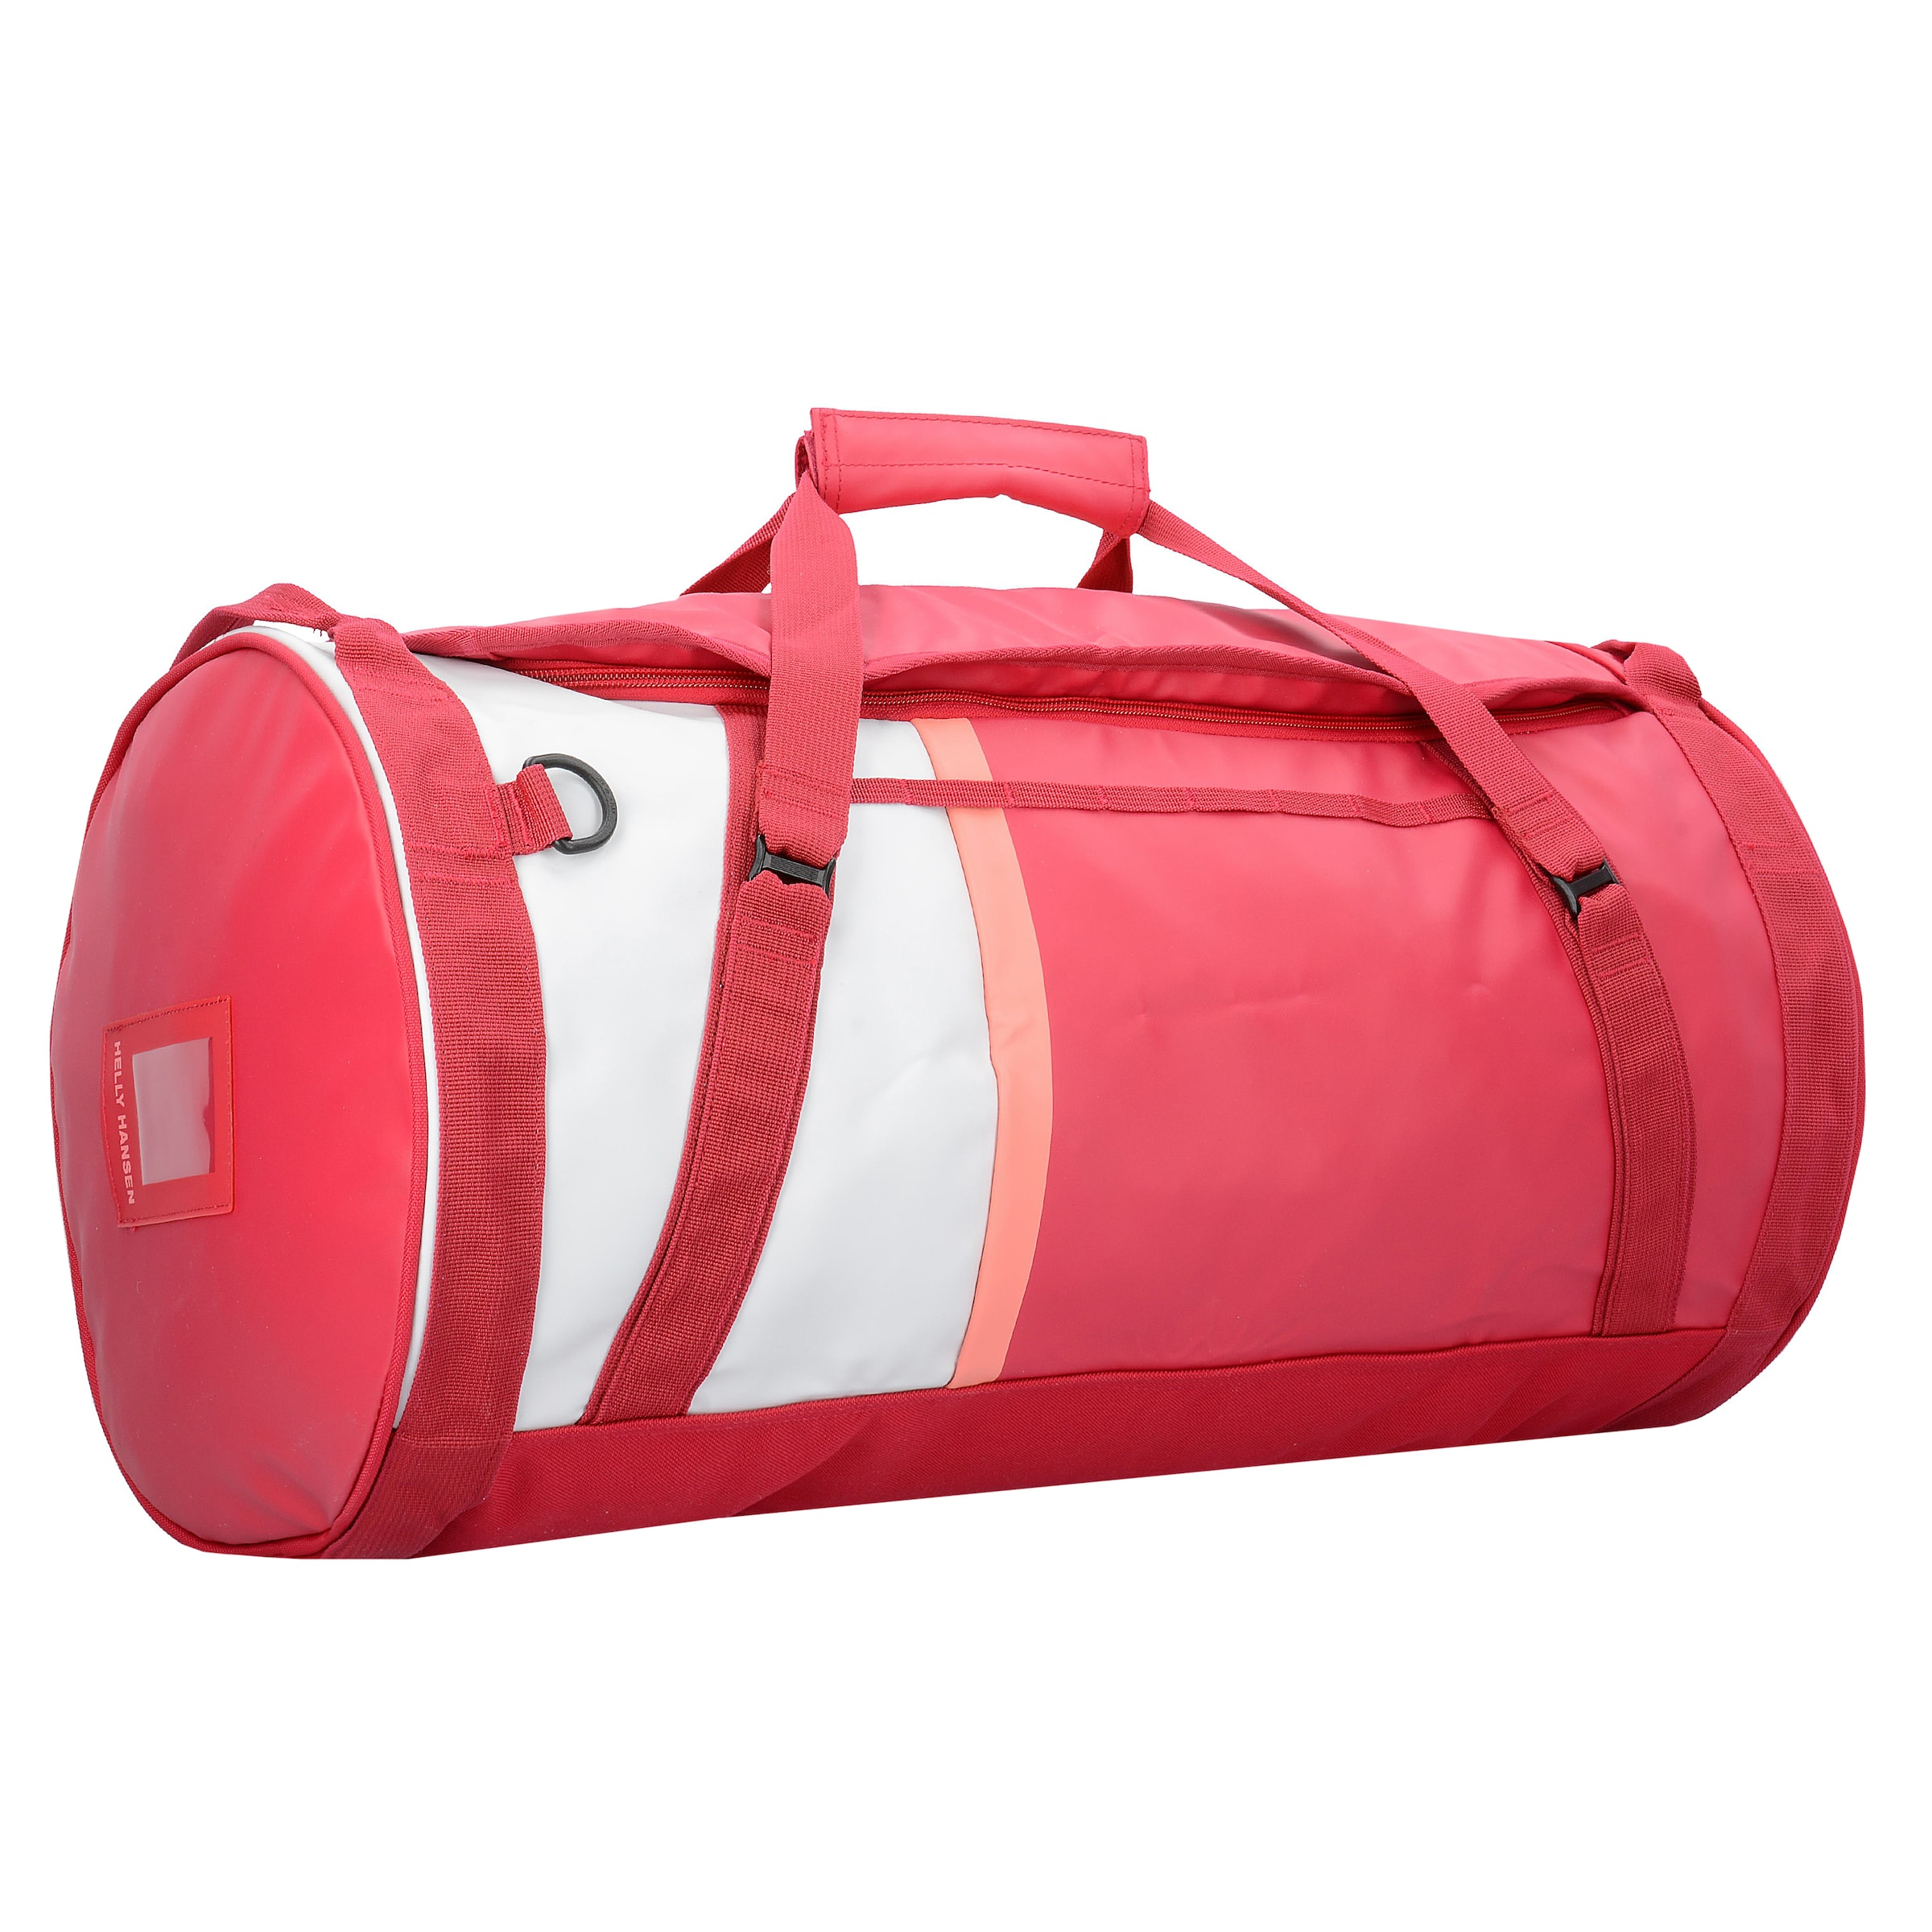 Große Diskont Verkauf Online Günstiger Preis Versandkosten Für HELLY HANSEN Duffle Bag 2 Reisetasche 50L 60 cm Freies Verschiffen Günstig Online 9LMdKMEM